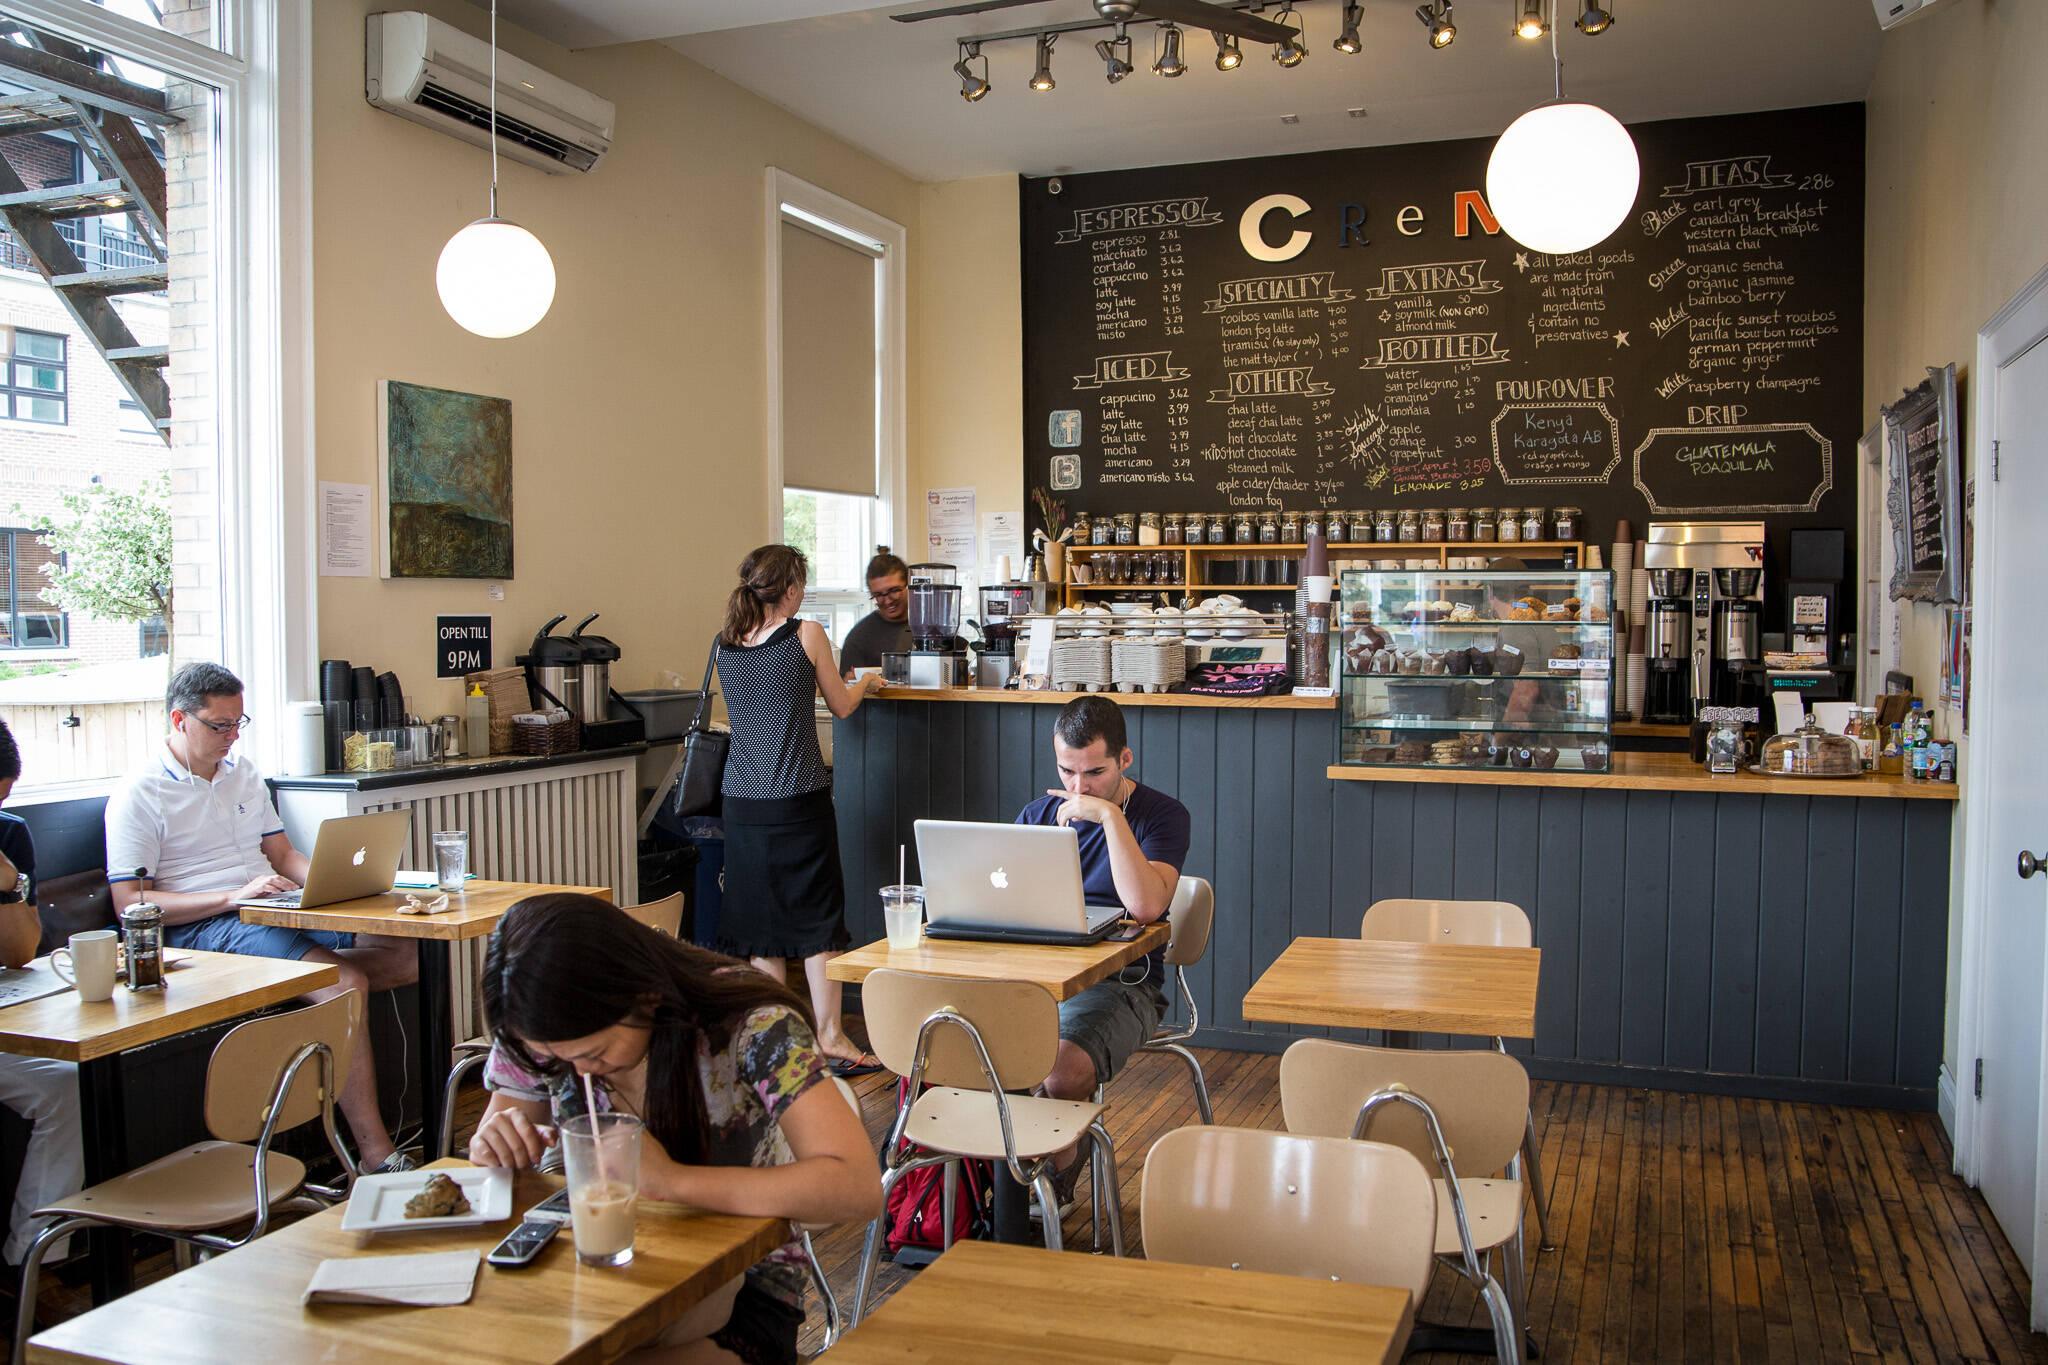 cafes closed toronto